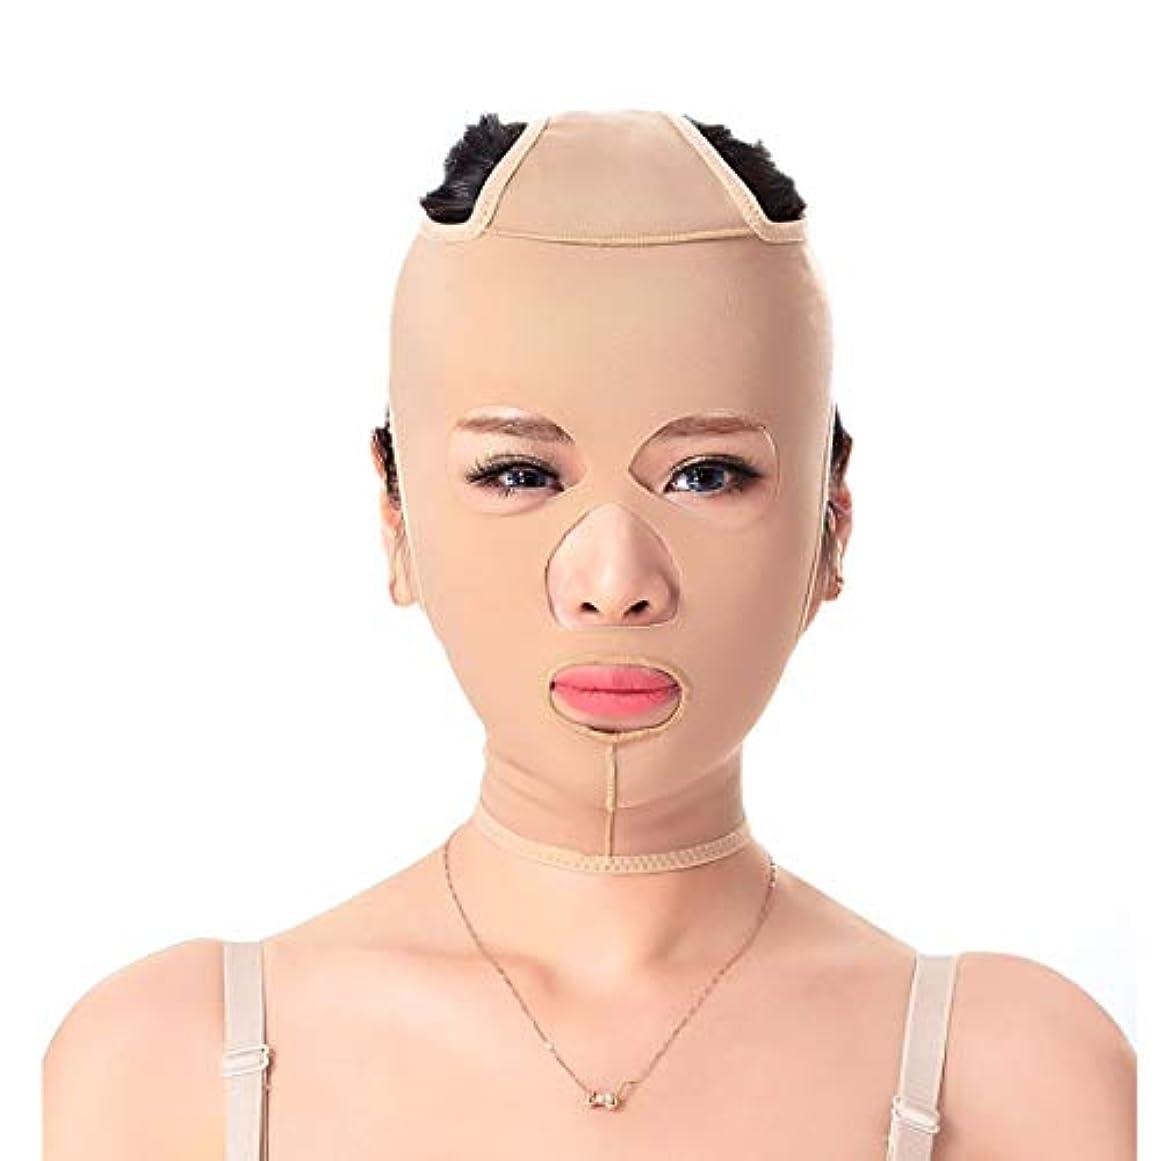 スキャン簡単に文房具痩身ベルト、フェイシャルマスク薄い顔面マスクを持ち上げる二重あご引き締め顔面プラスチックフェイスアーティファクト強力なフェイス包帯 (Size : M)